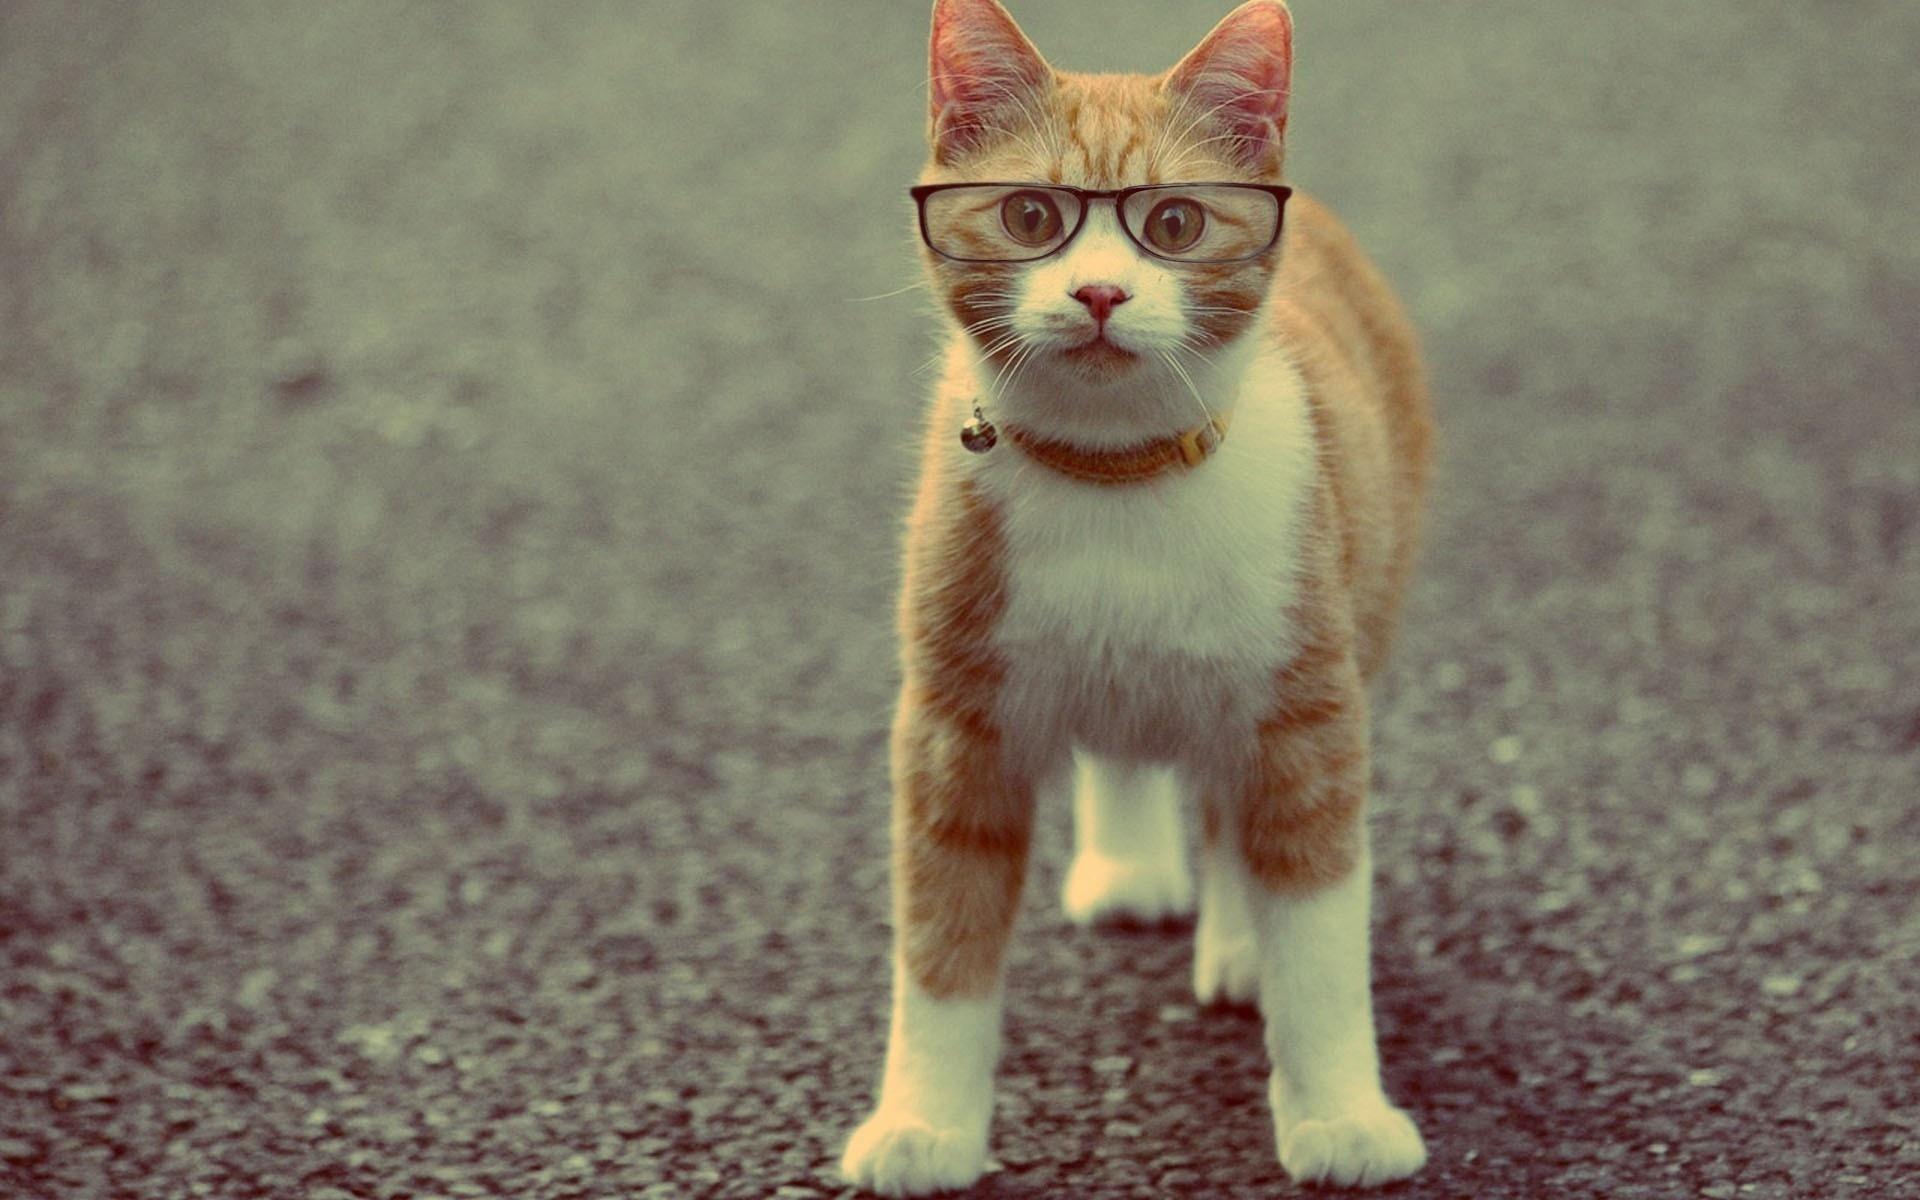 фото для авы солнечная кошка думал, что